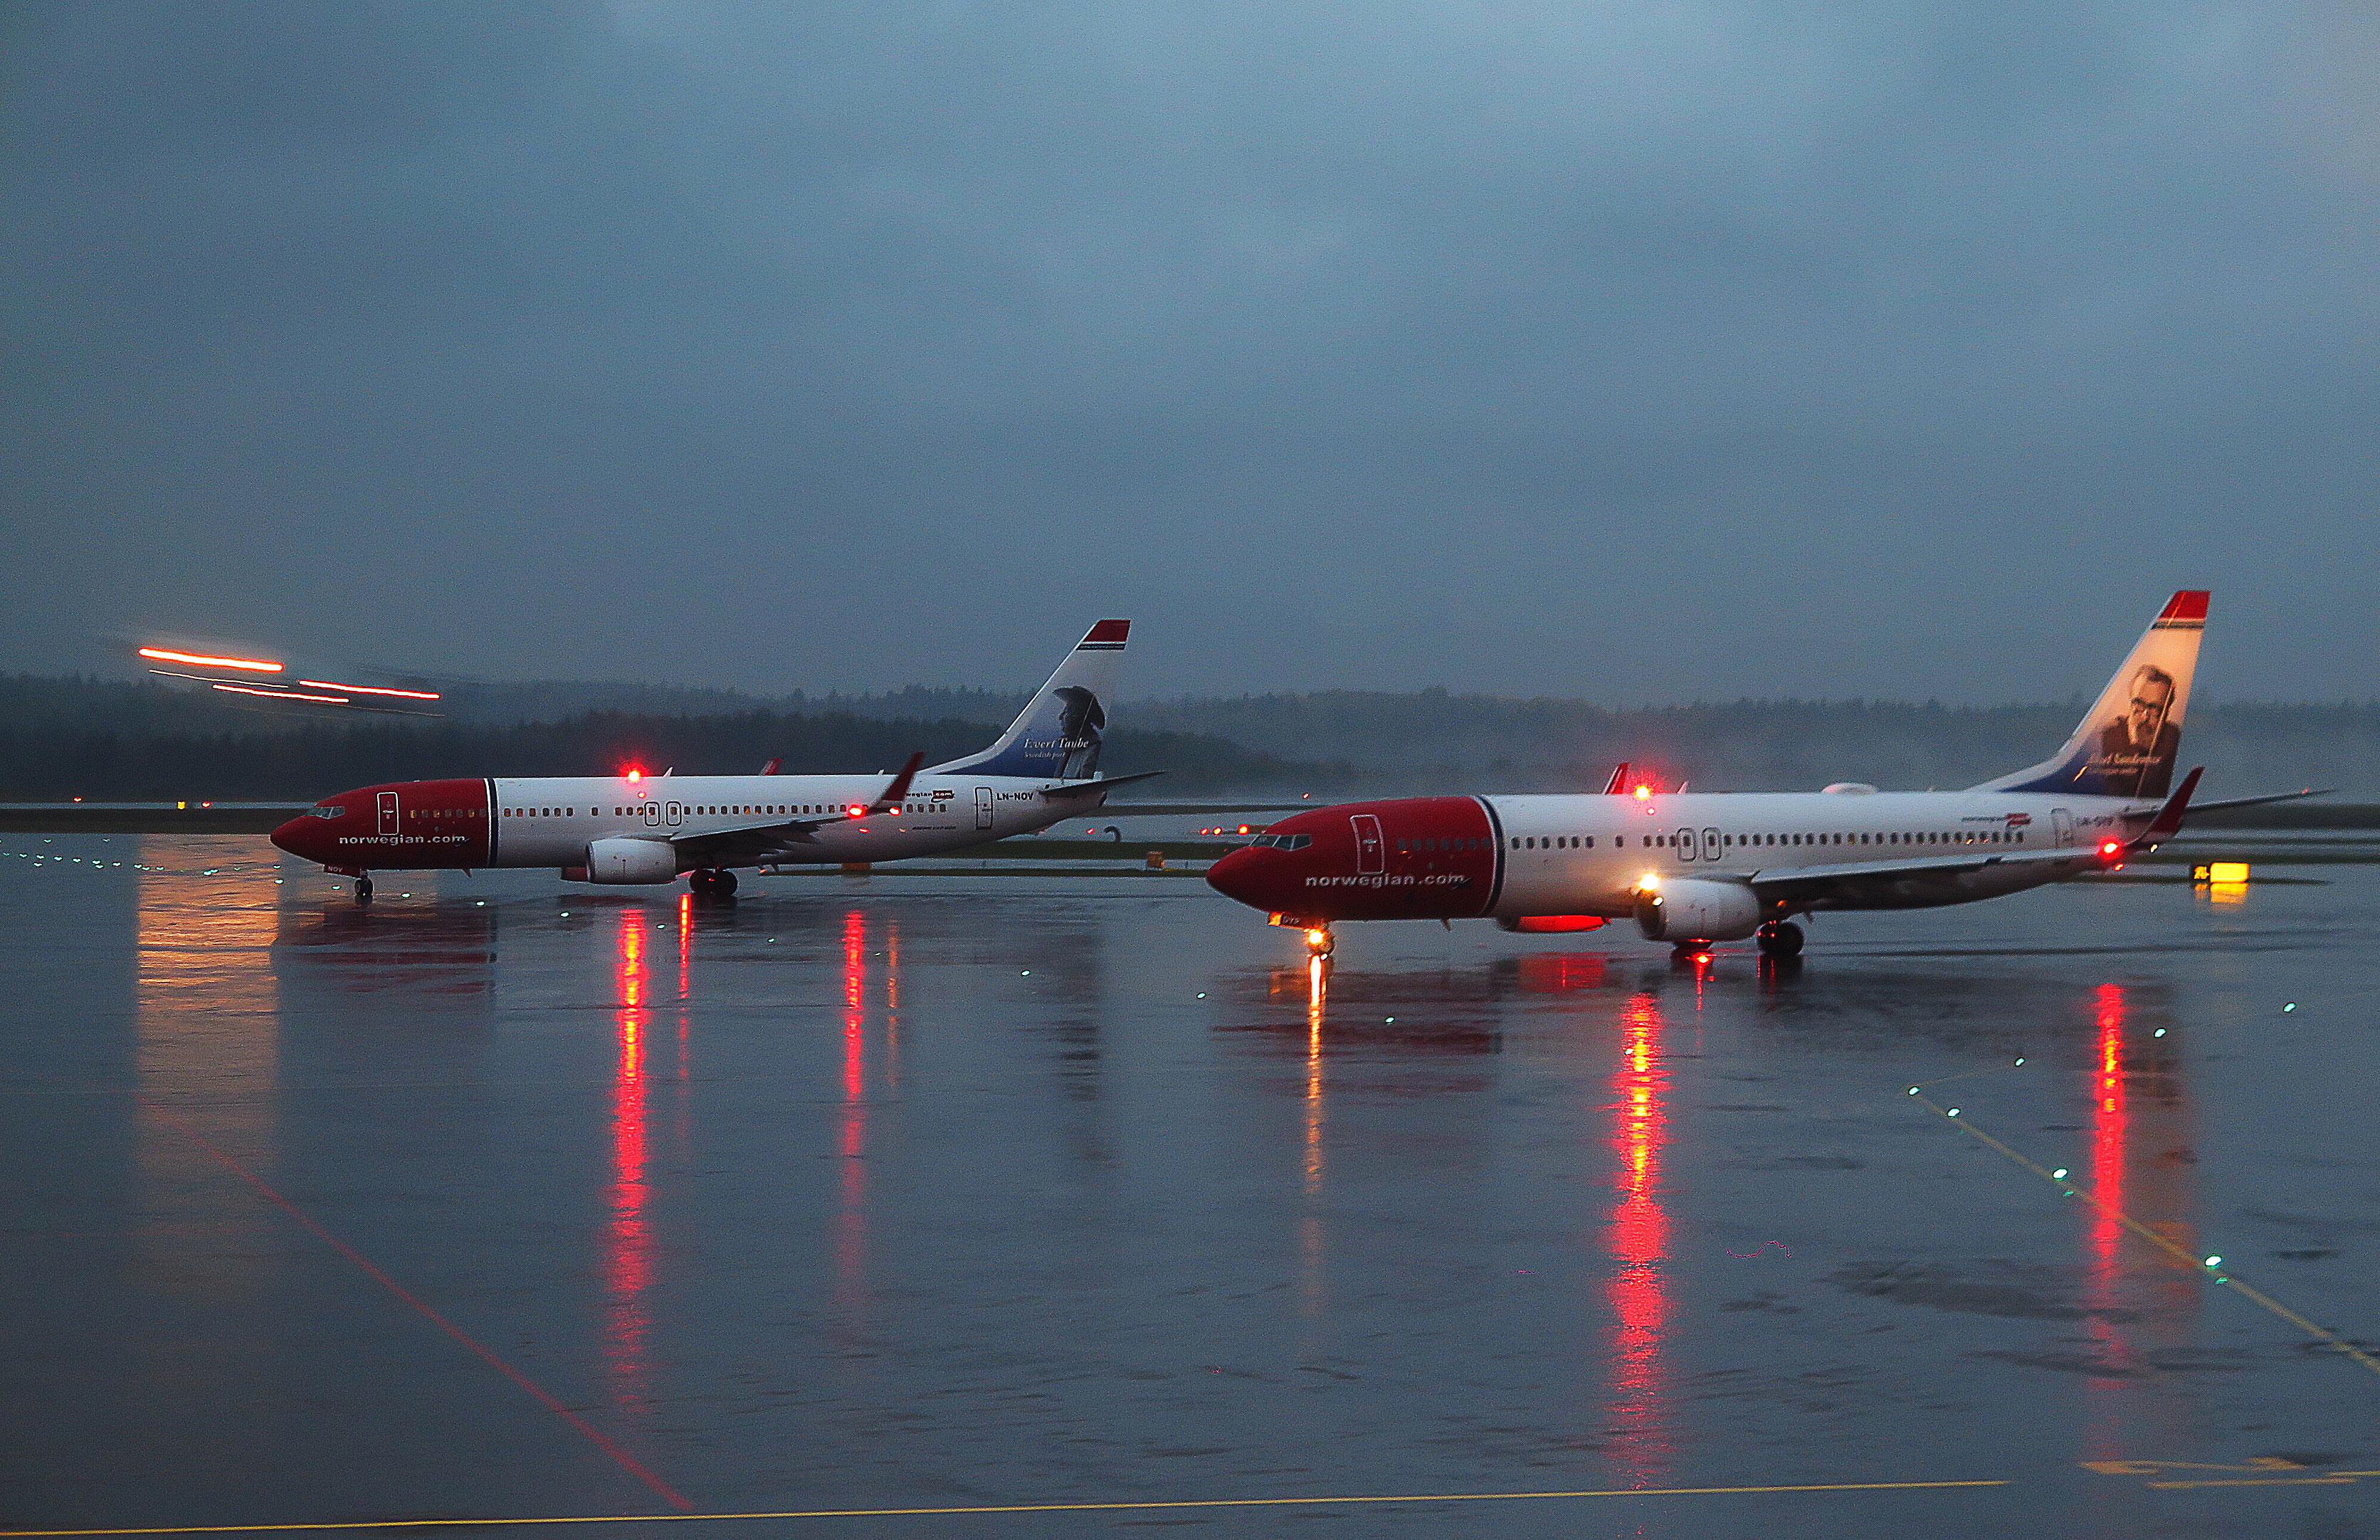 Norwegian, Arlanda / Flughafen München Franz Josef Strauss